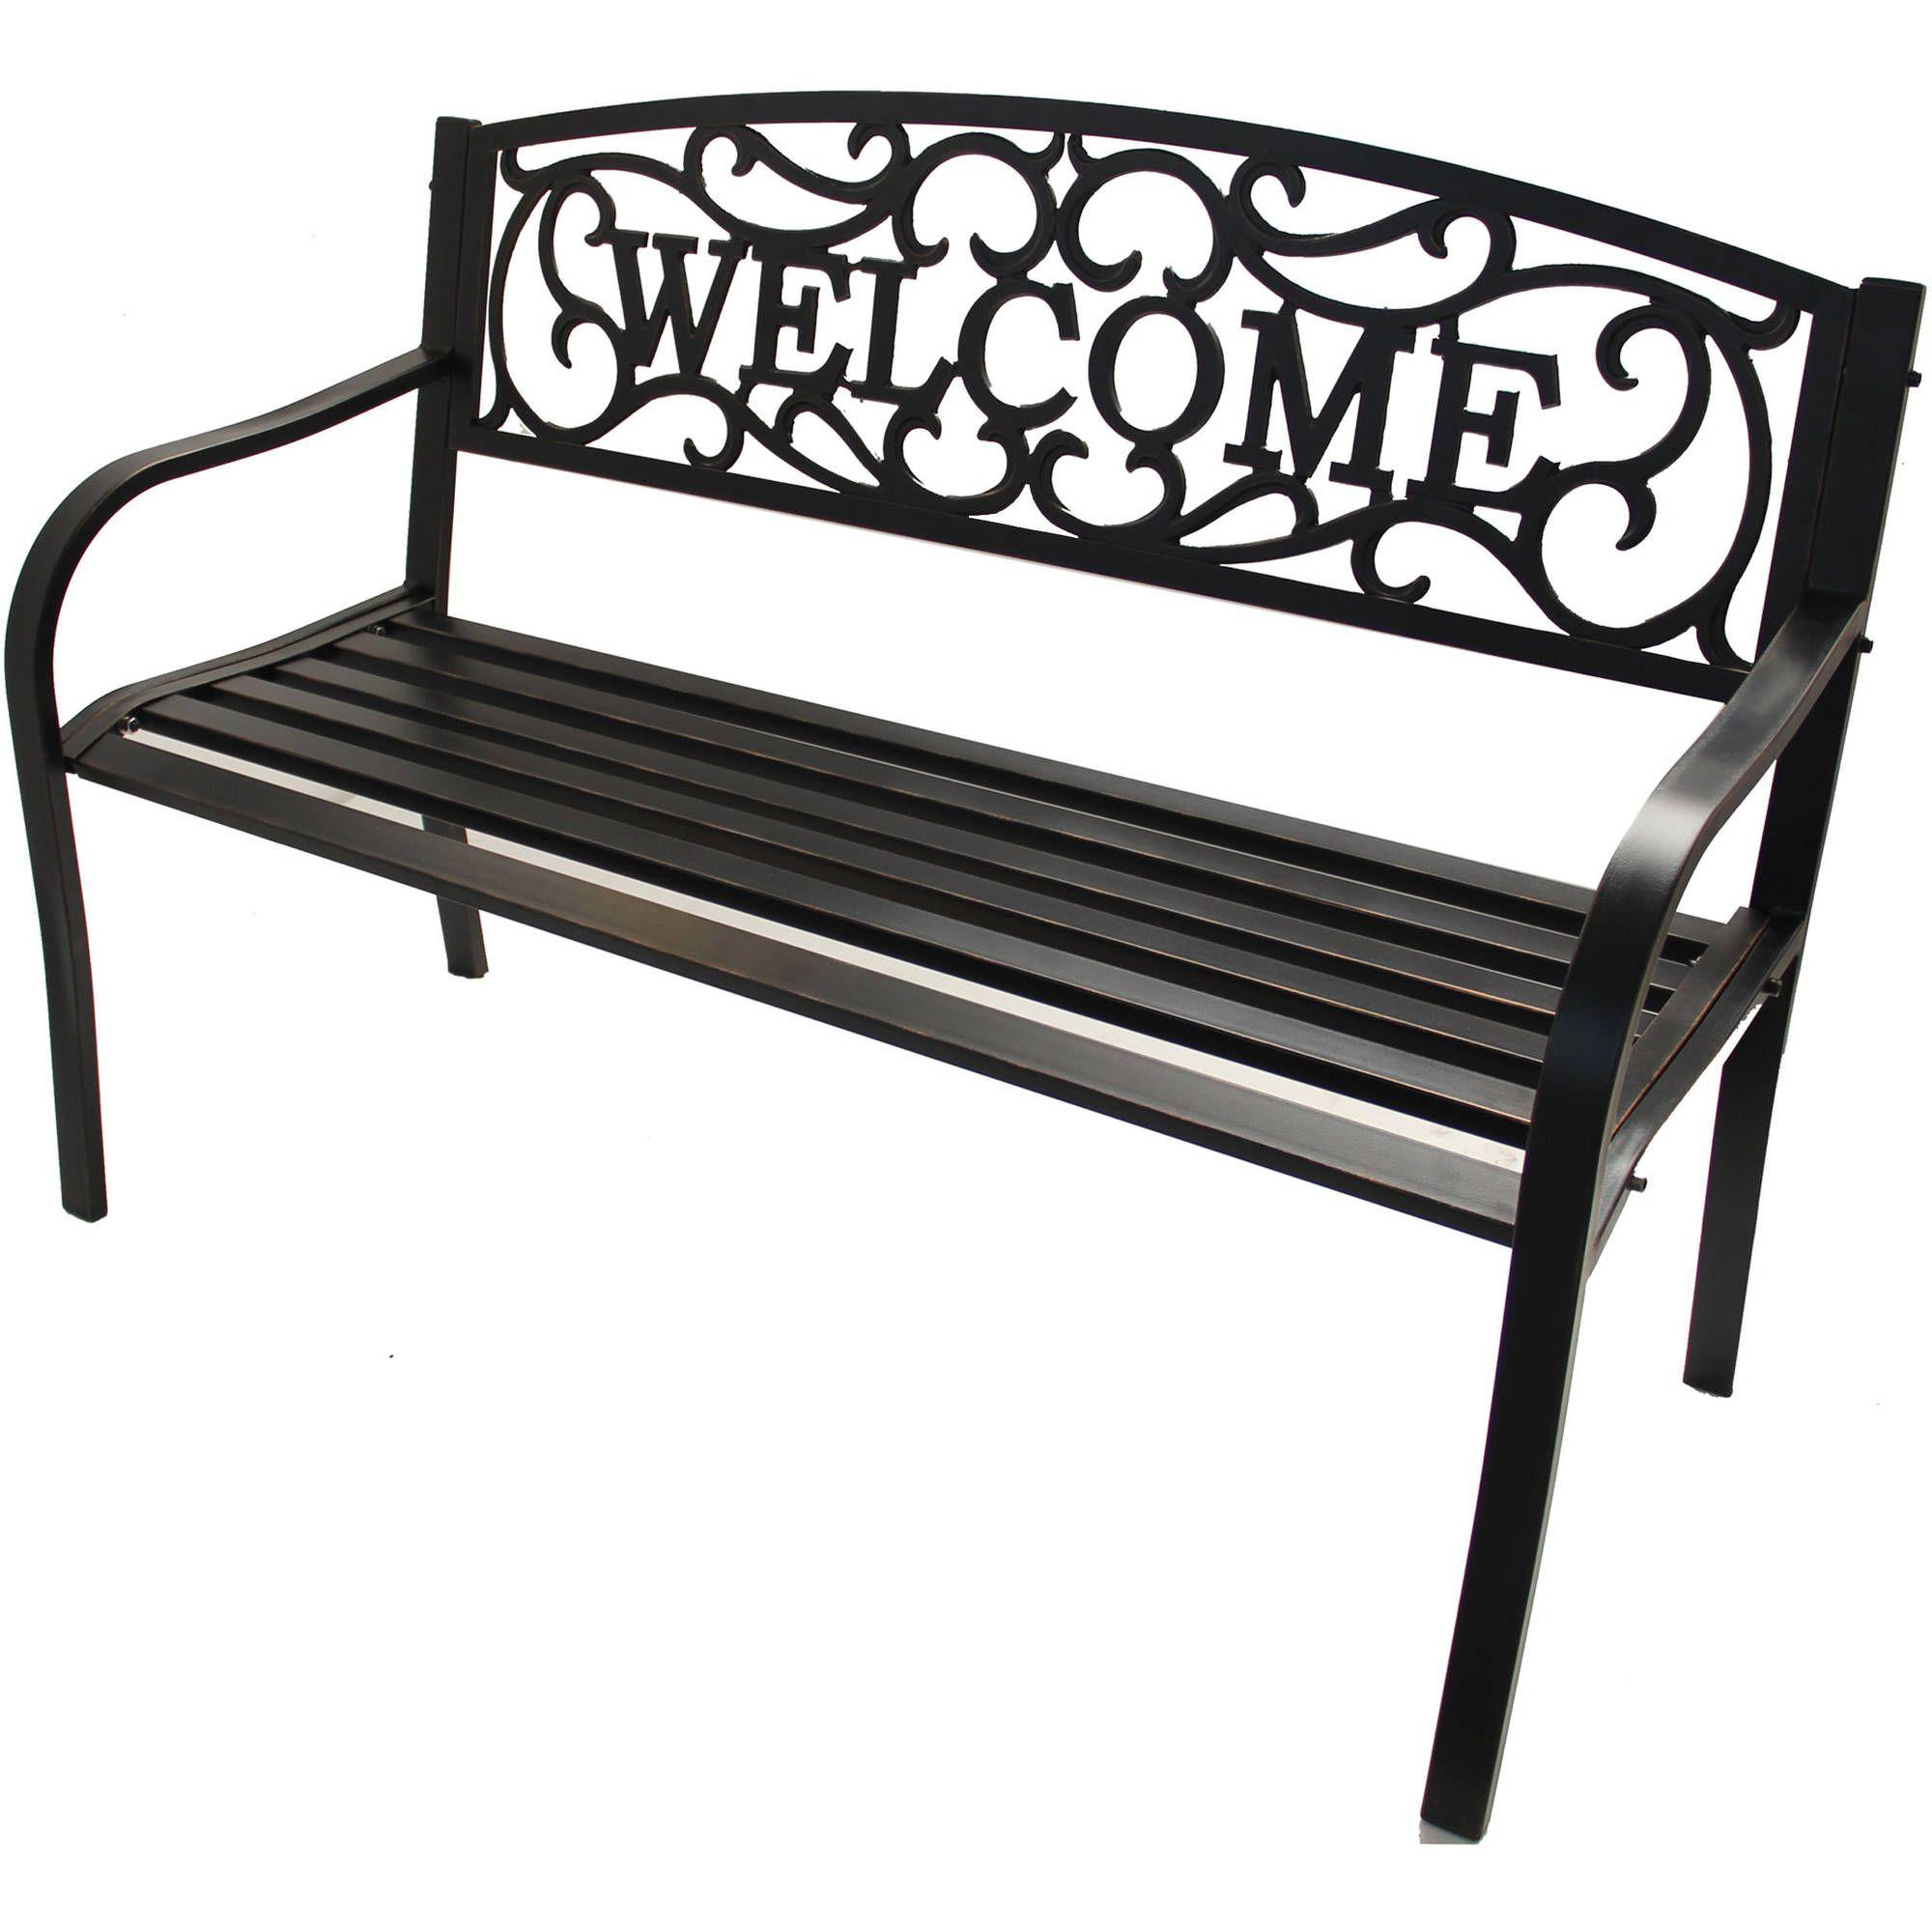 Better Homes Gardens Welcome Outdoor Bench Walmart Com In 2020 Metal Garden Benches Outdoor Bench Outdoor Garden Furniture